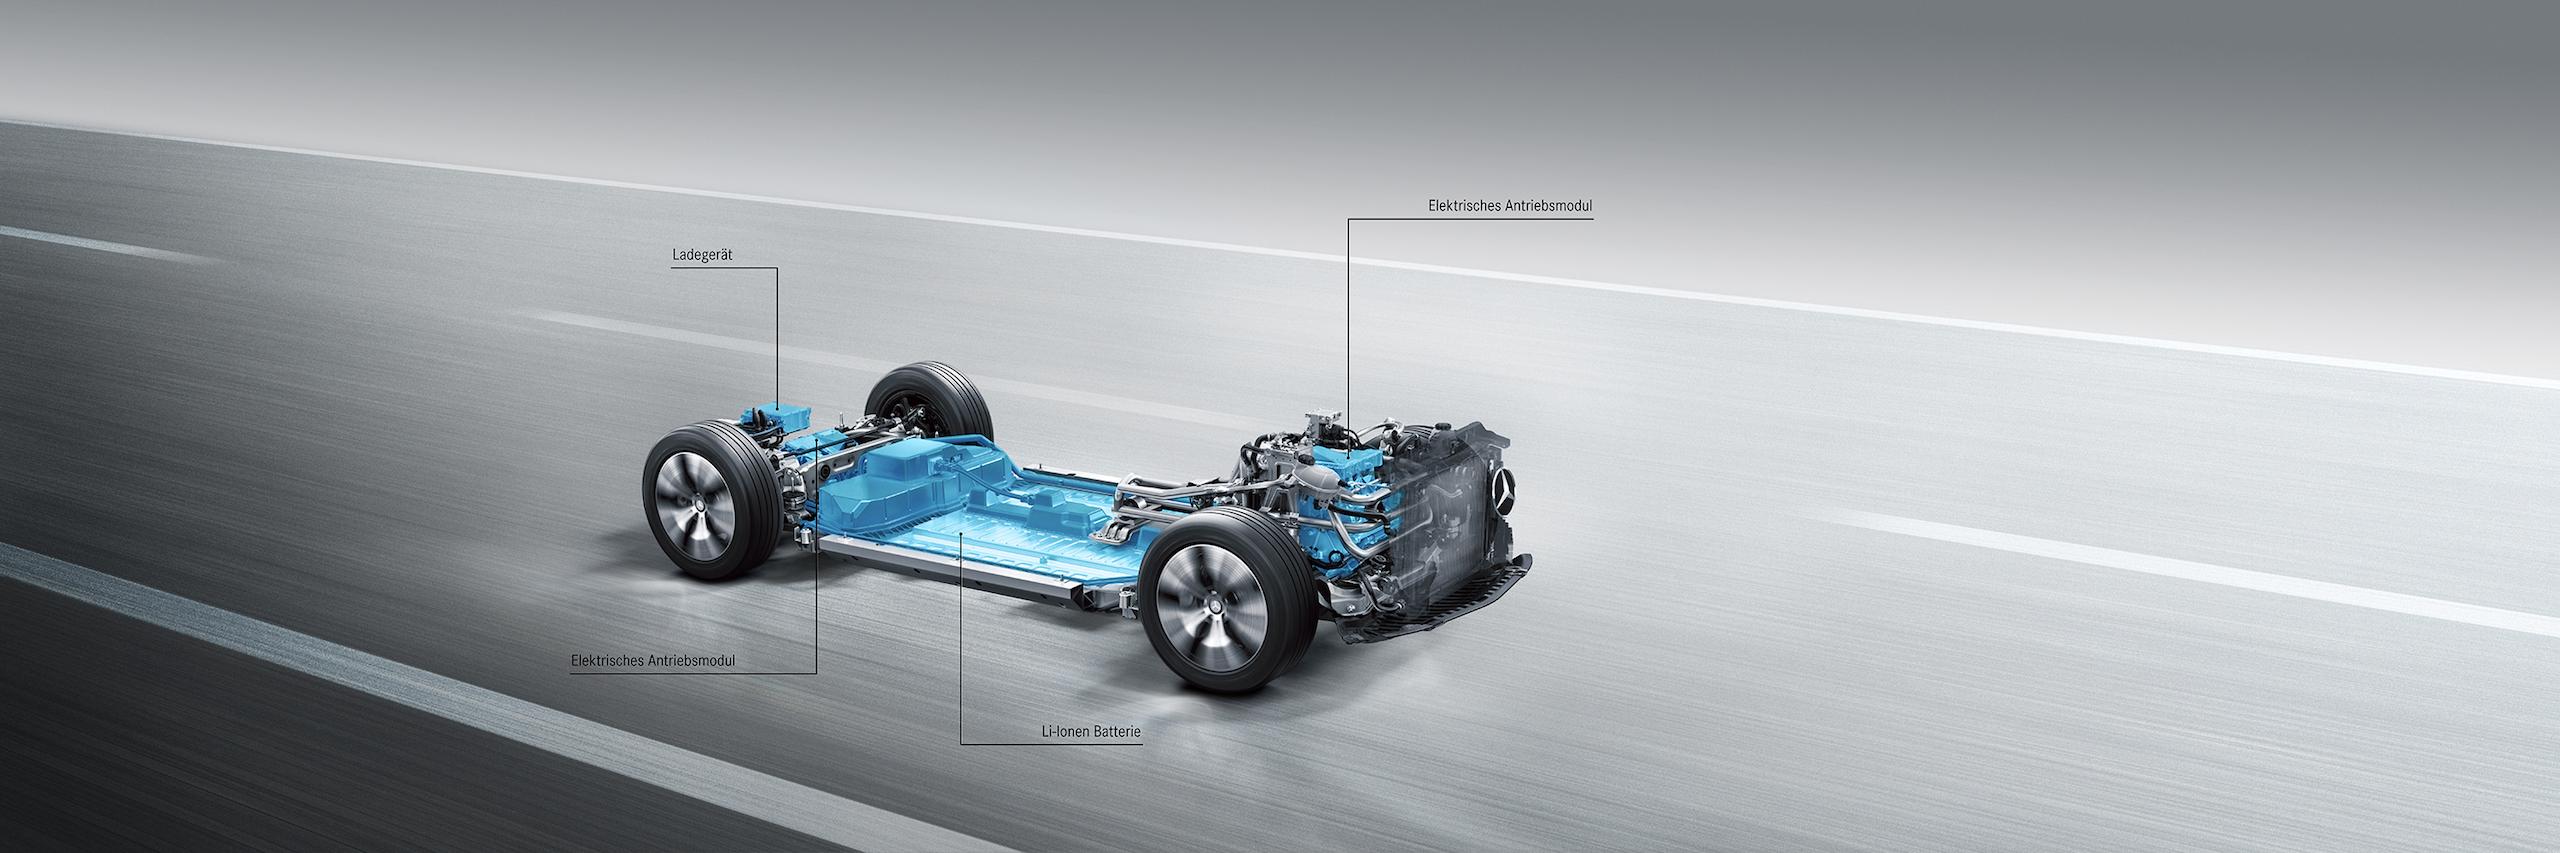 Batterien mit unterschiedlicher Technik lassen sich in das modulare Konzept für das reine Elektrofahrzeug integrieren, das noch vor 2020 seinen Weg auf die Straße finden soll